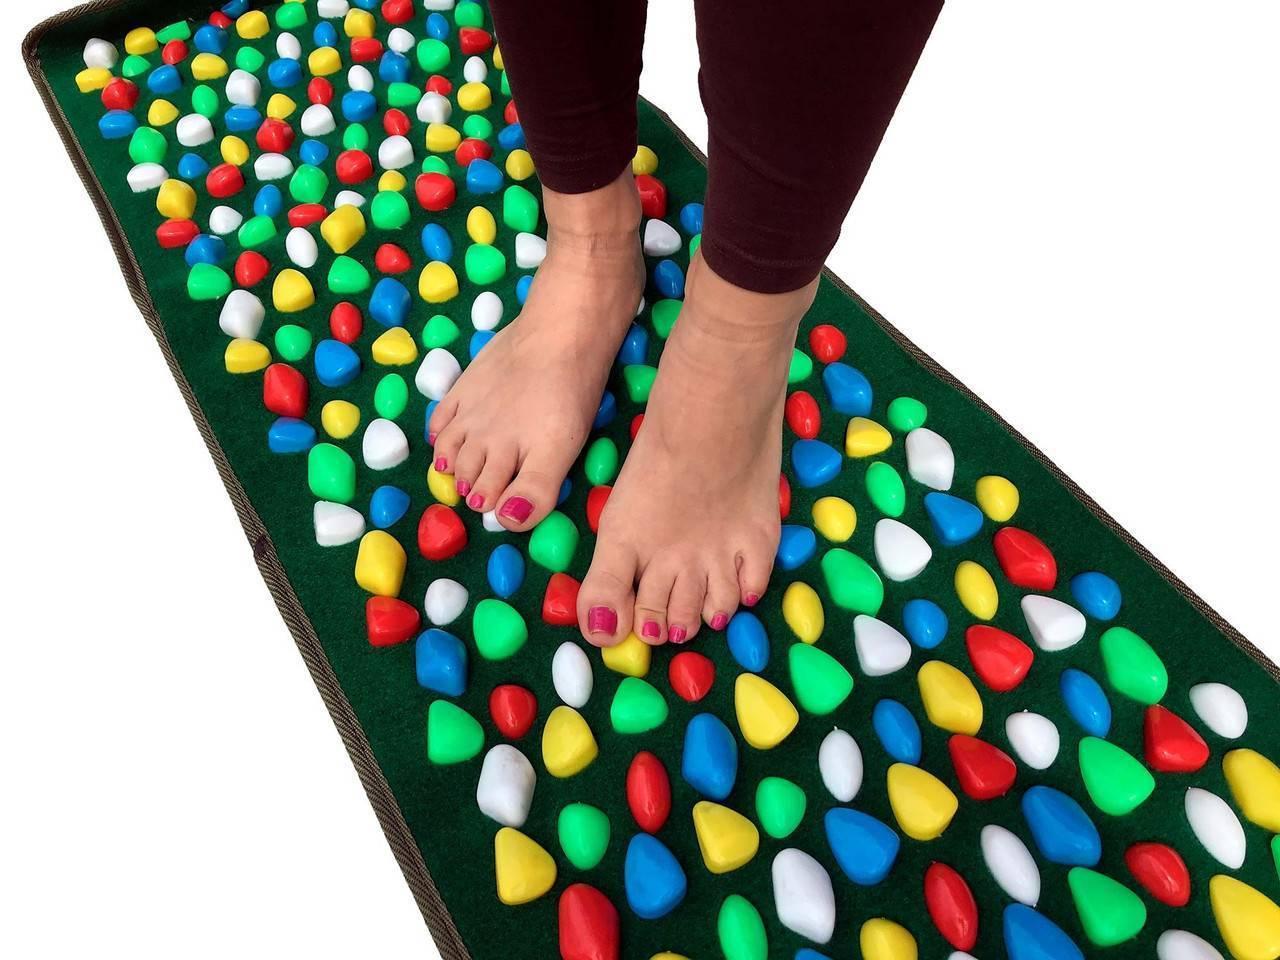 Массажный коврик для ног детей. ортопедический, акупунктурный для стоп, пазл, резиновый, электрический, орто, ежик, сима ленд, с камнями, от плоскостопия